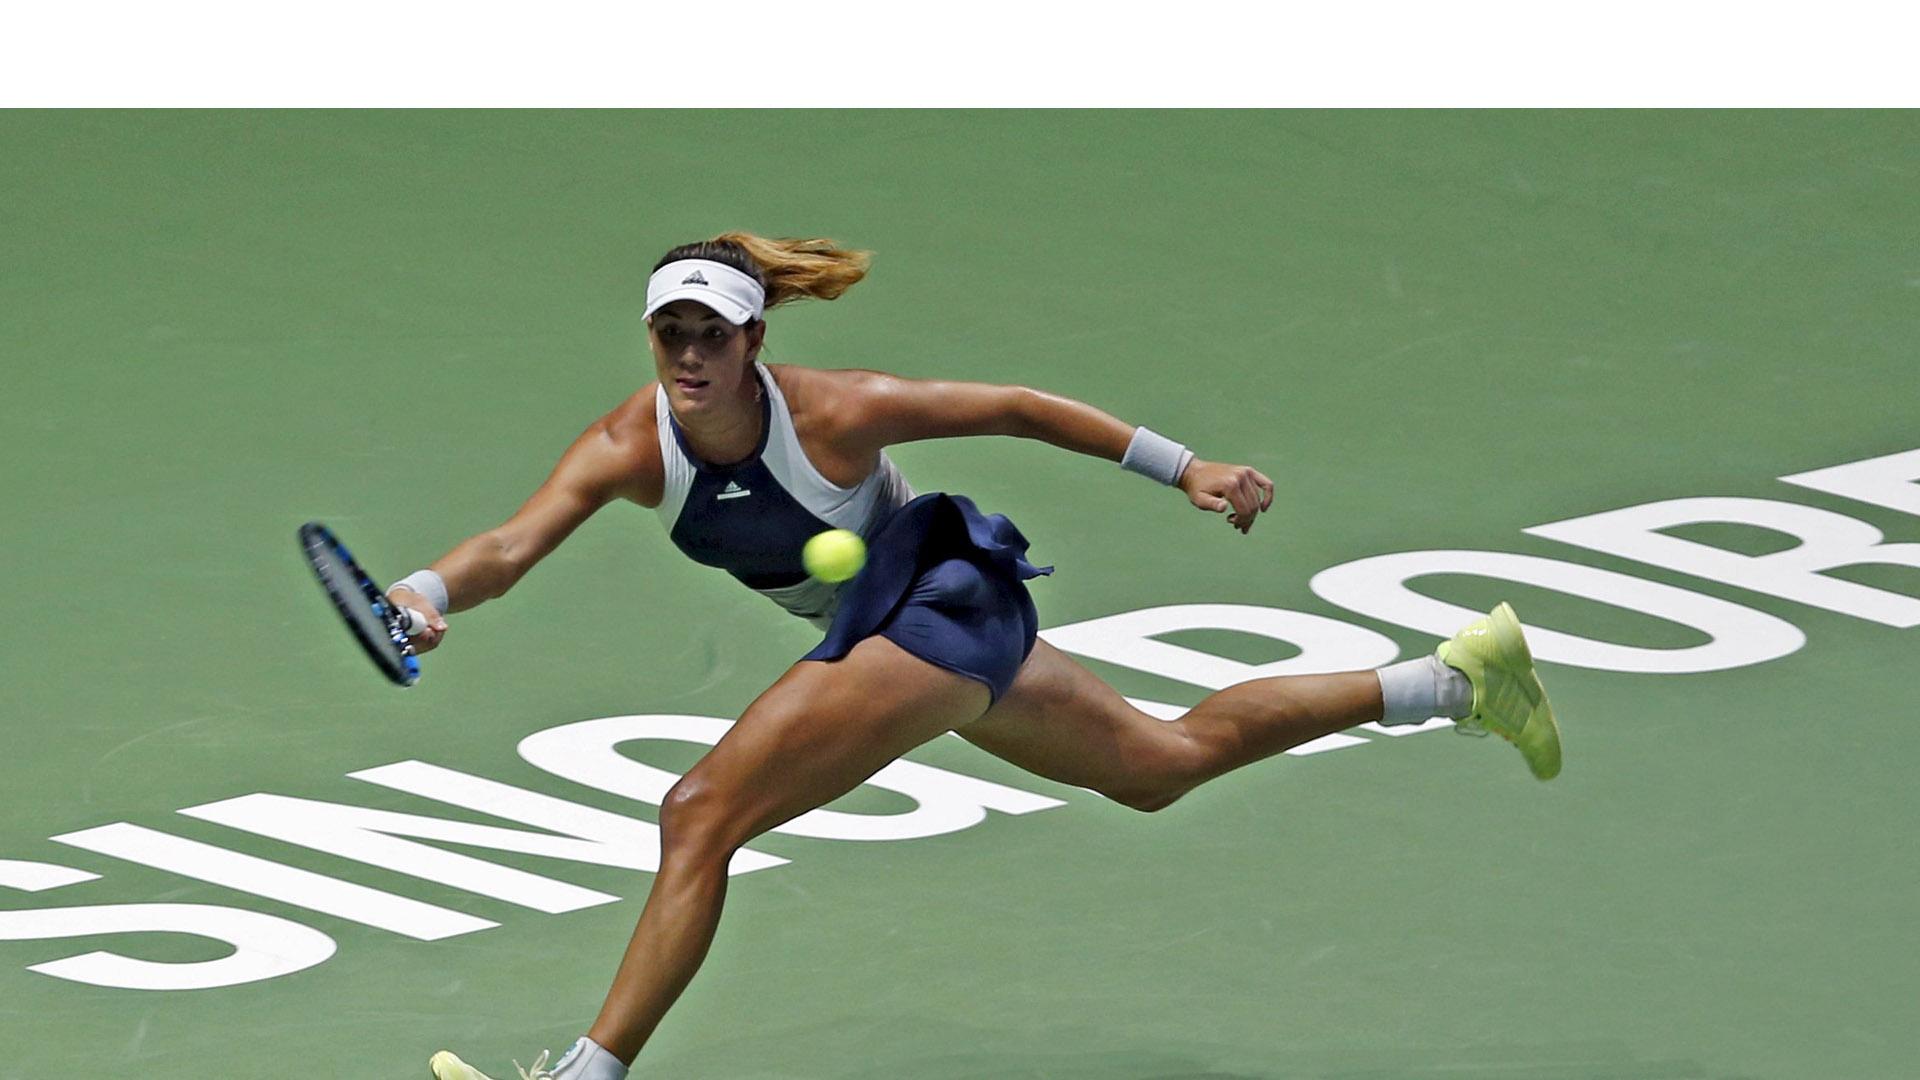 La joven de origen venezolano es la número tres en la clasificación mundial de tenis femenino